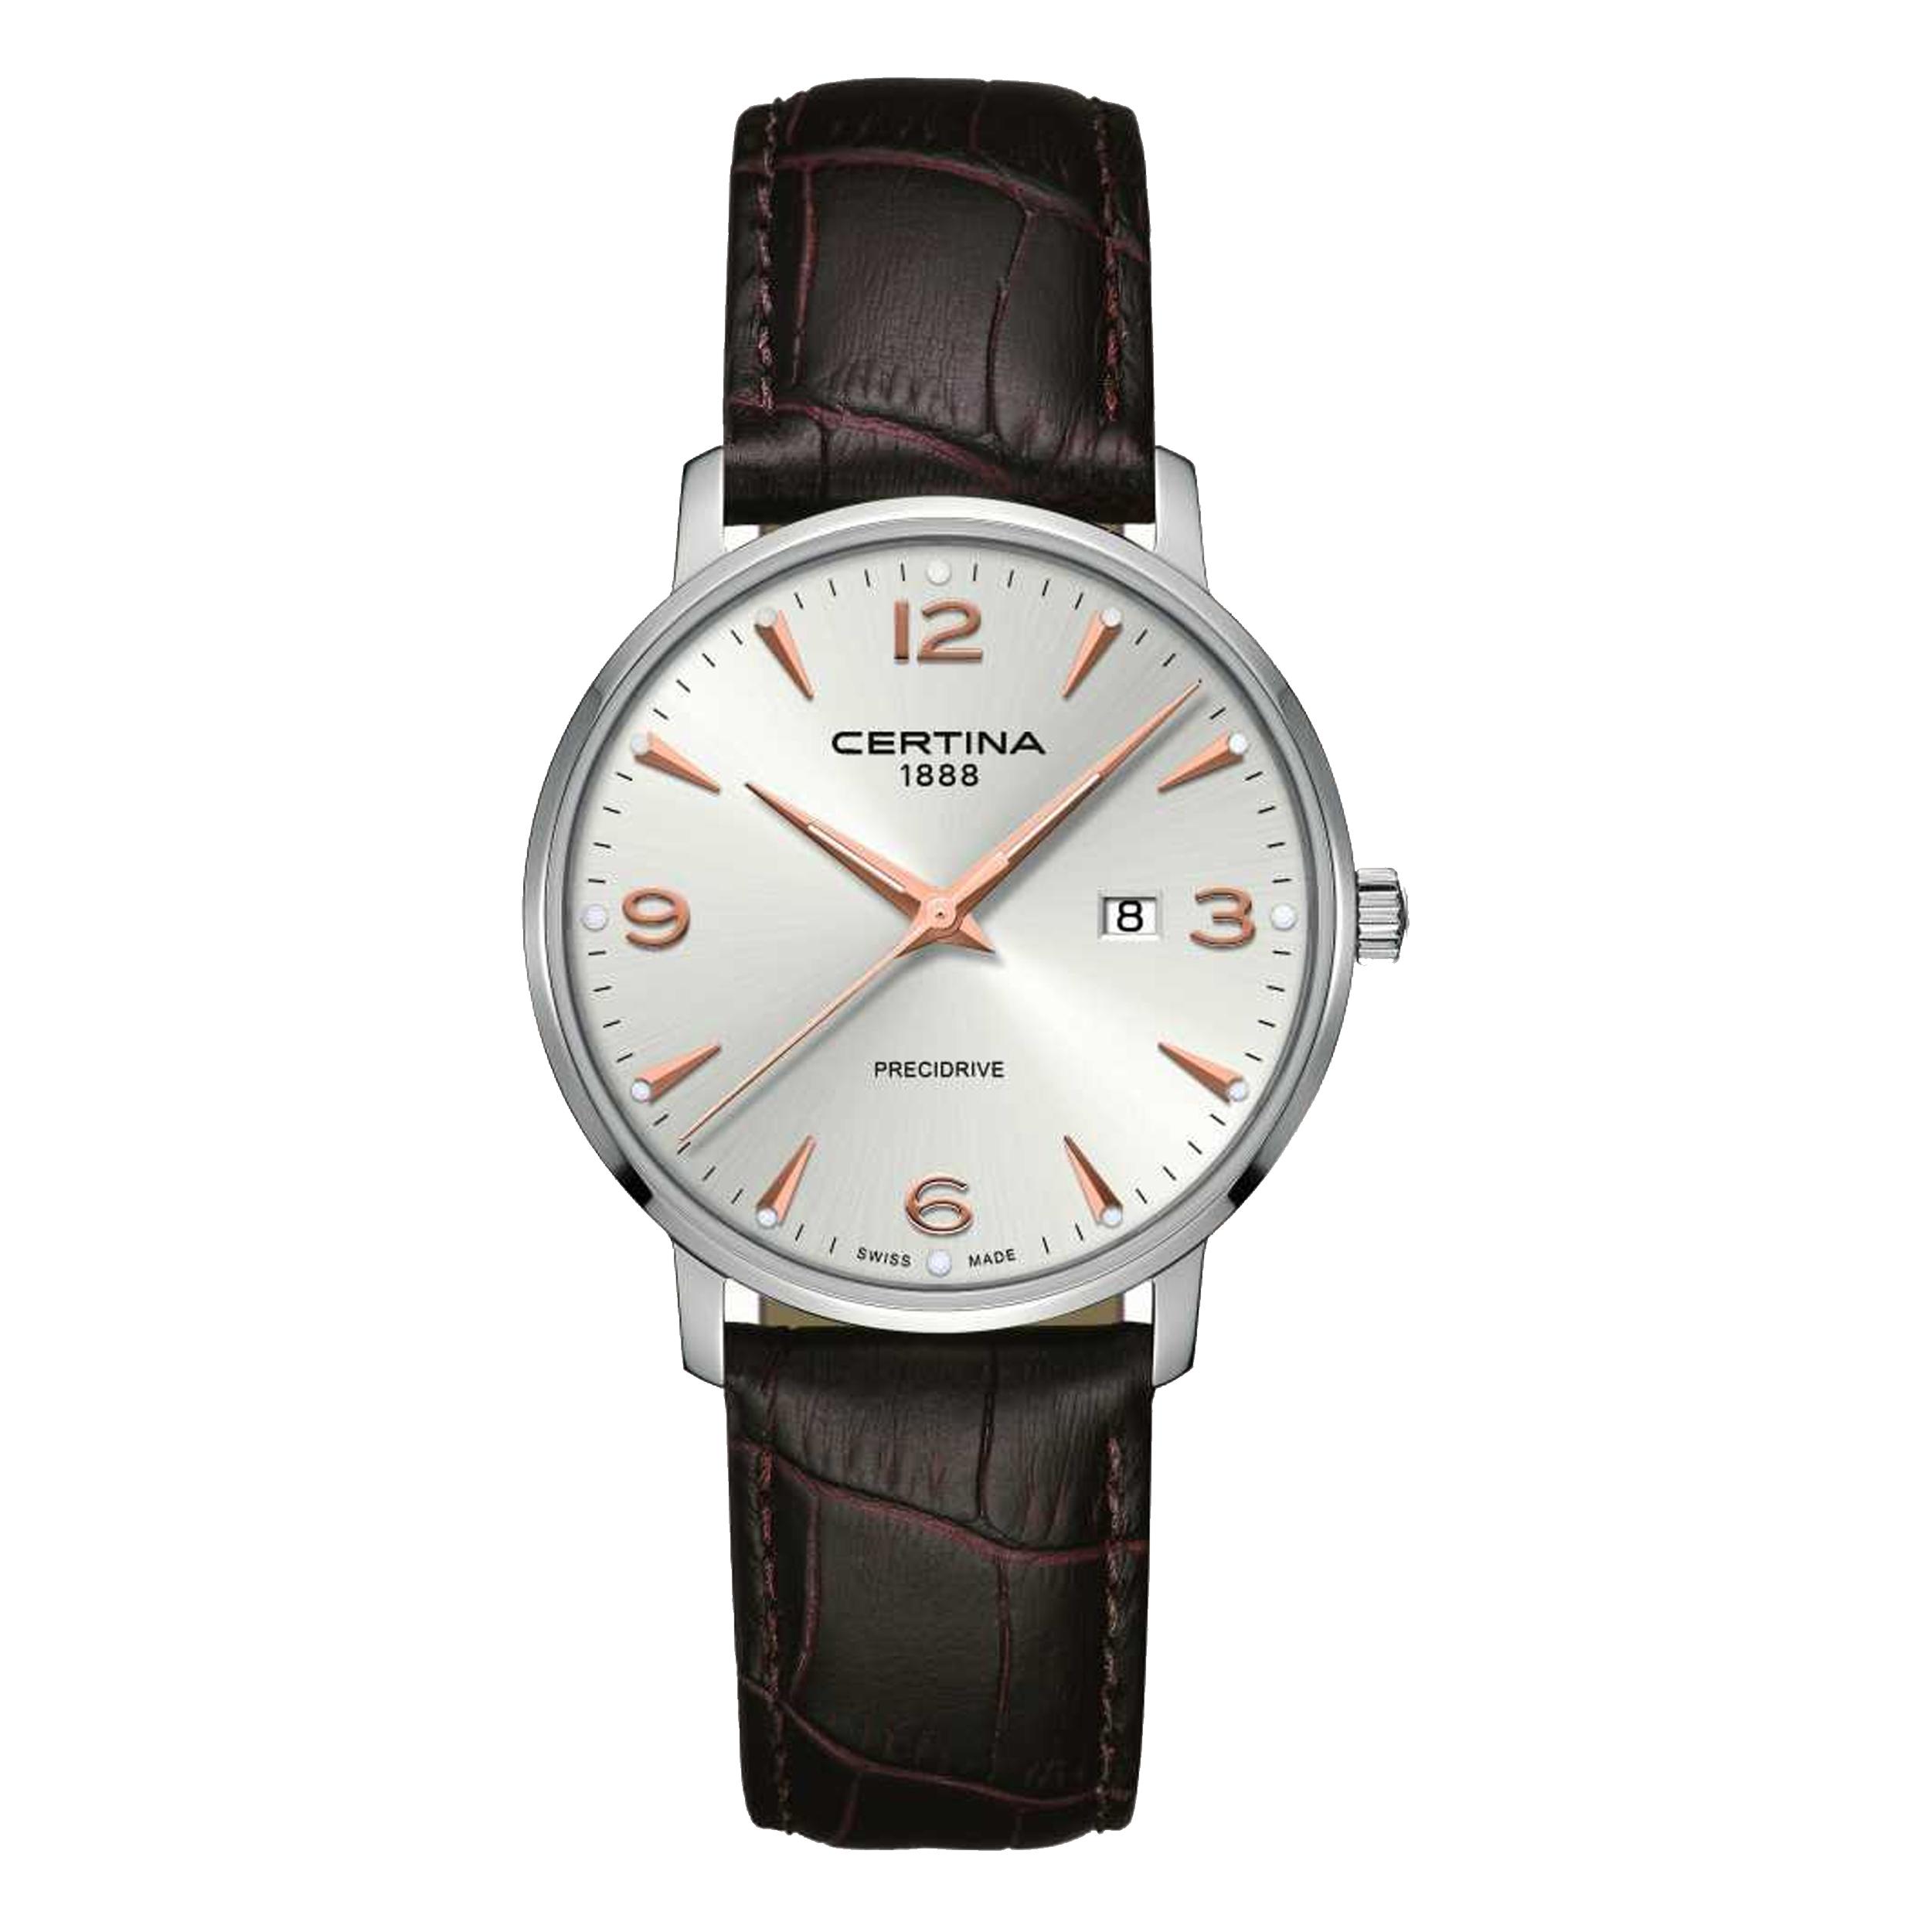 ساعت مچی عقربه ای مردانه سرتینا مدل C0354101603701              ارزان